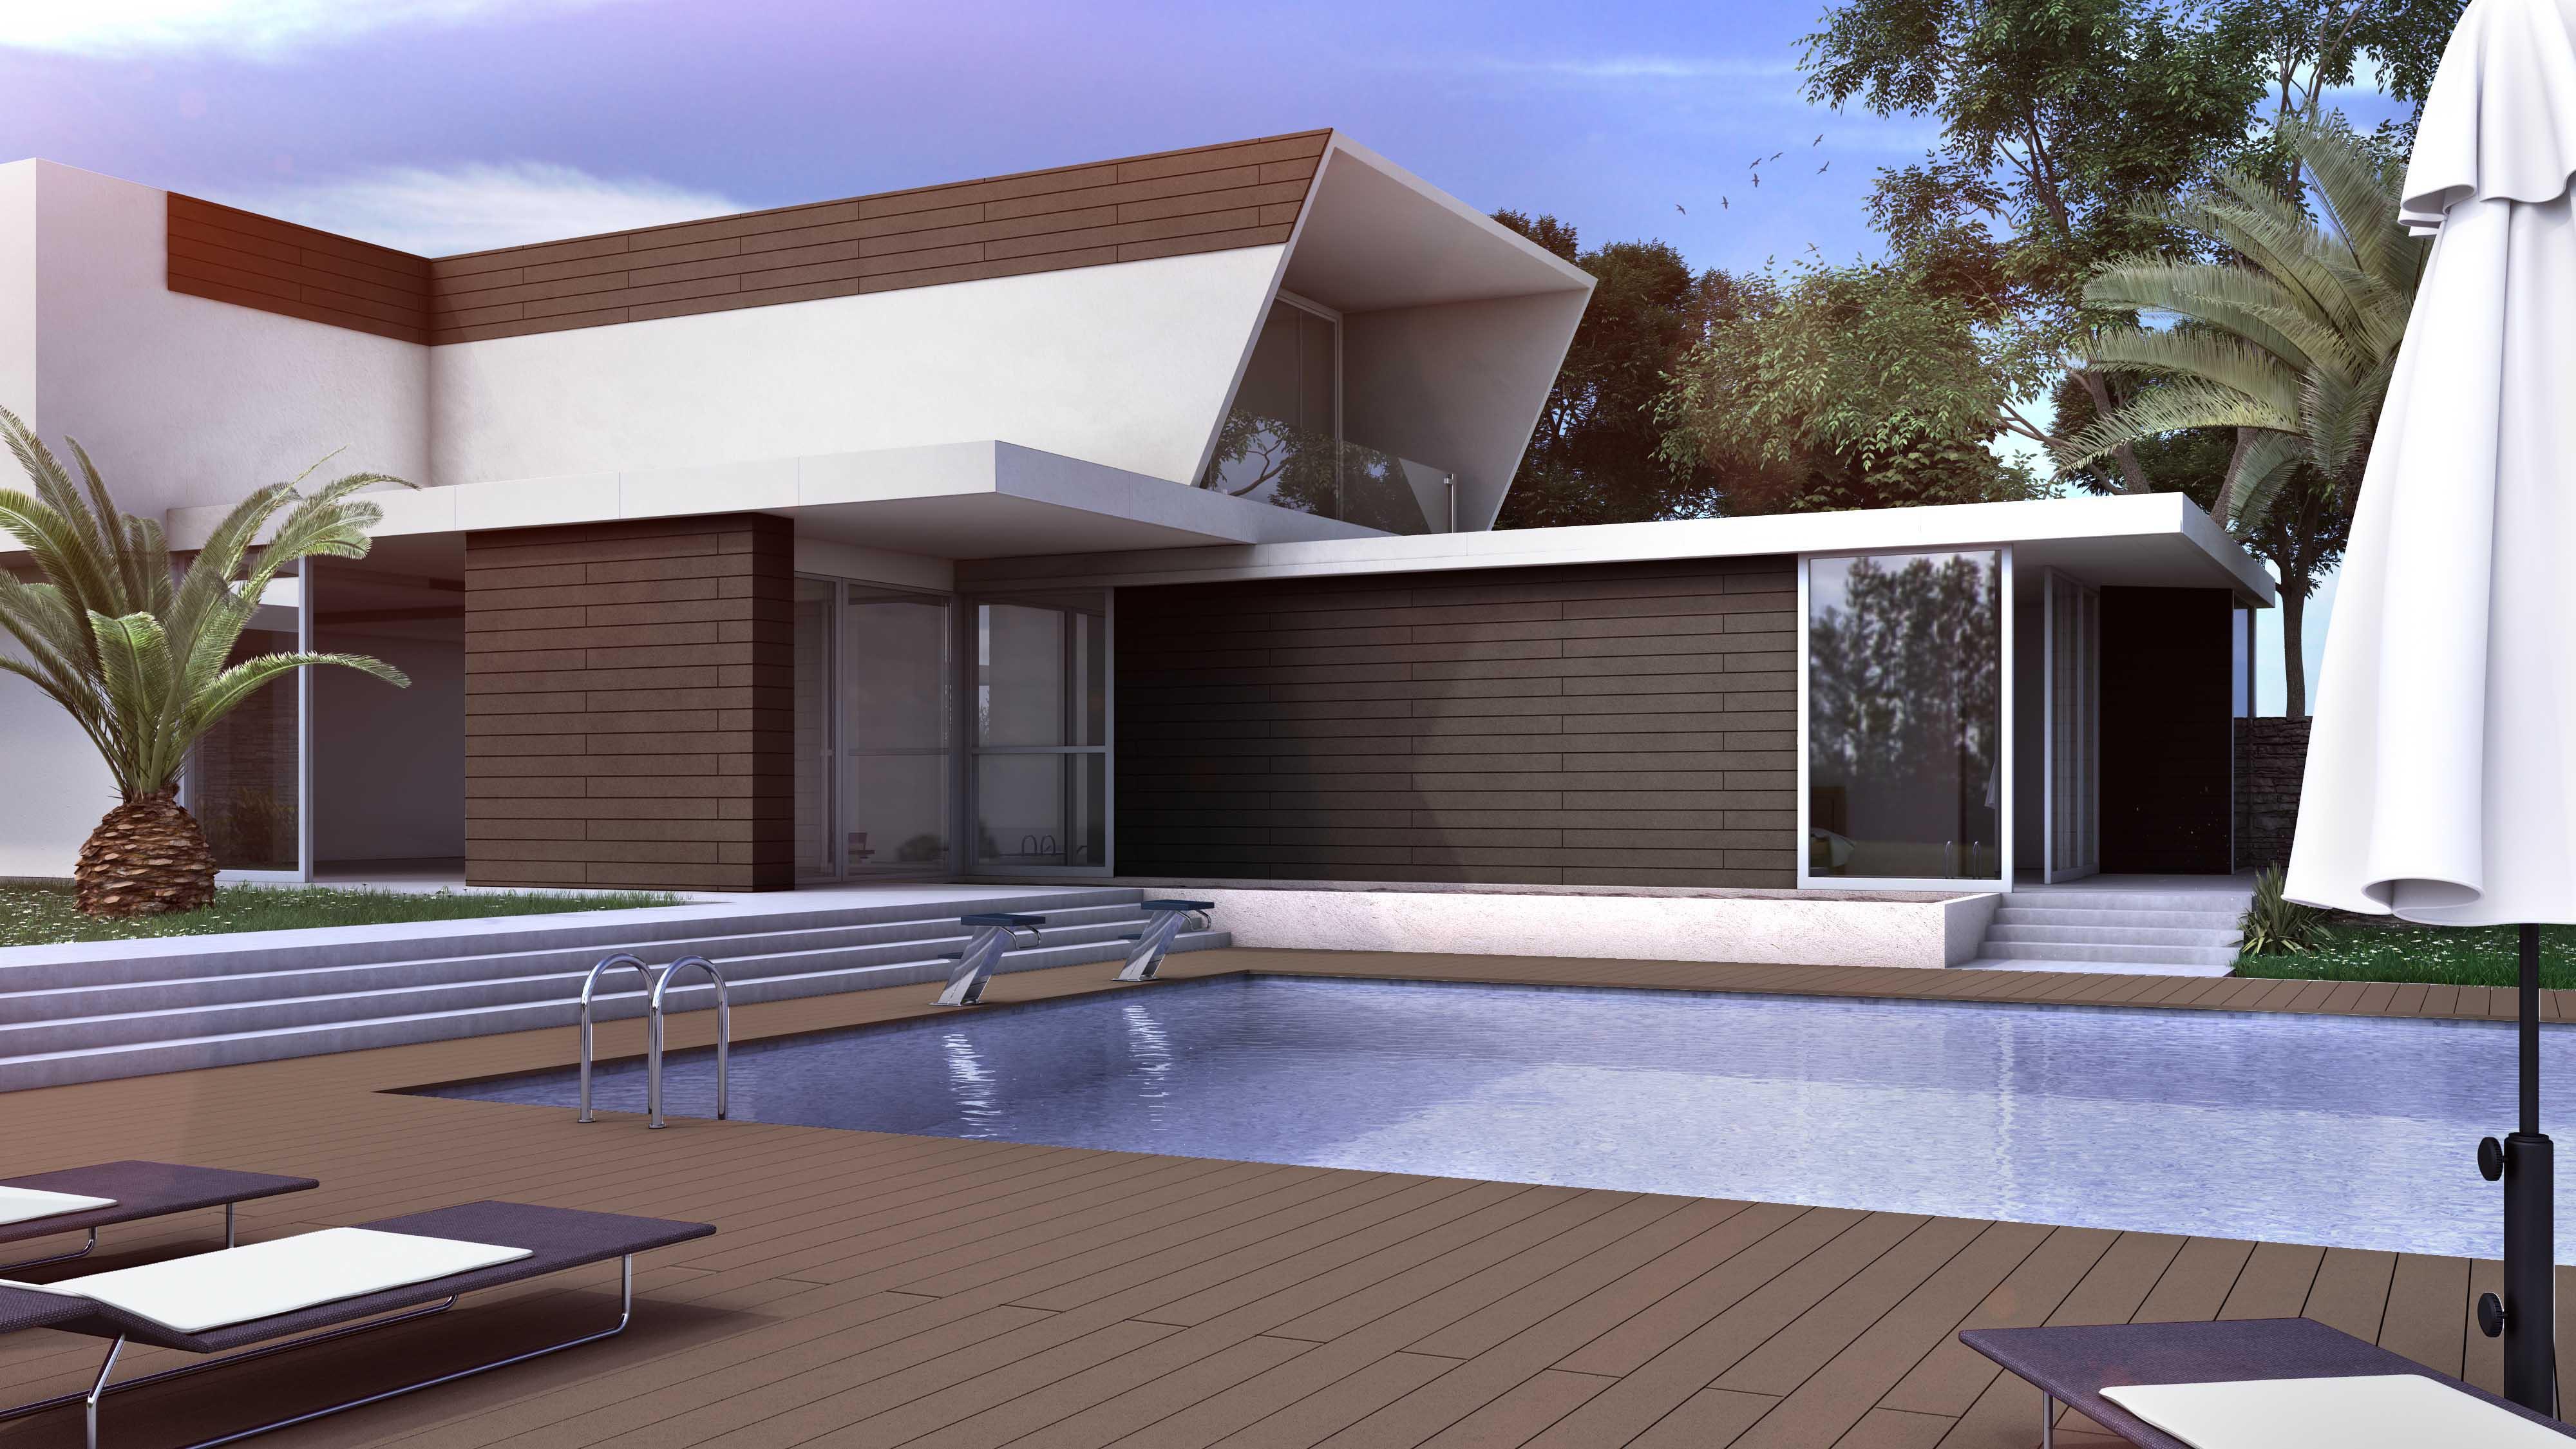 Decksystem tarima tecnol gica suelos composite para - Suelos jardin exterior ...